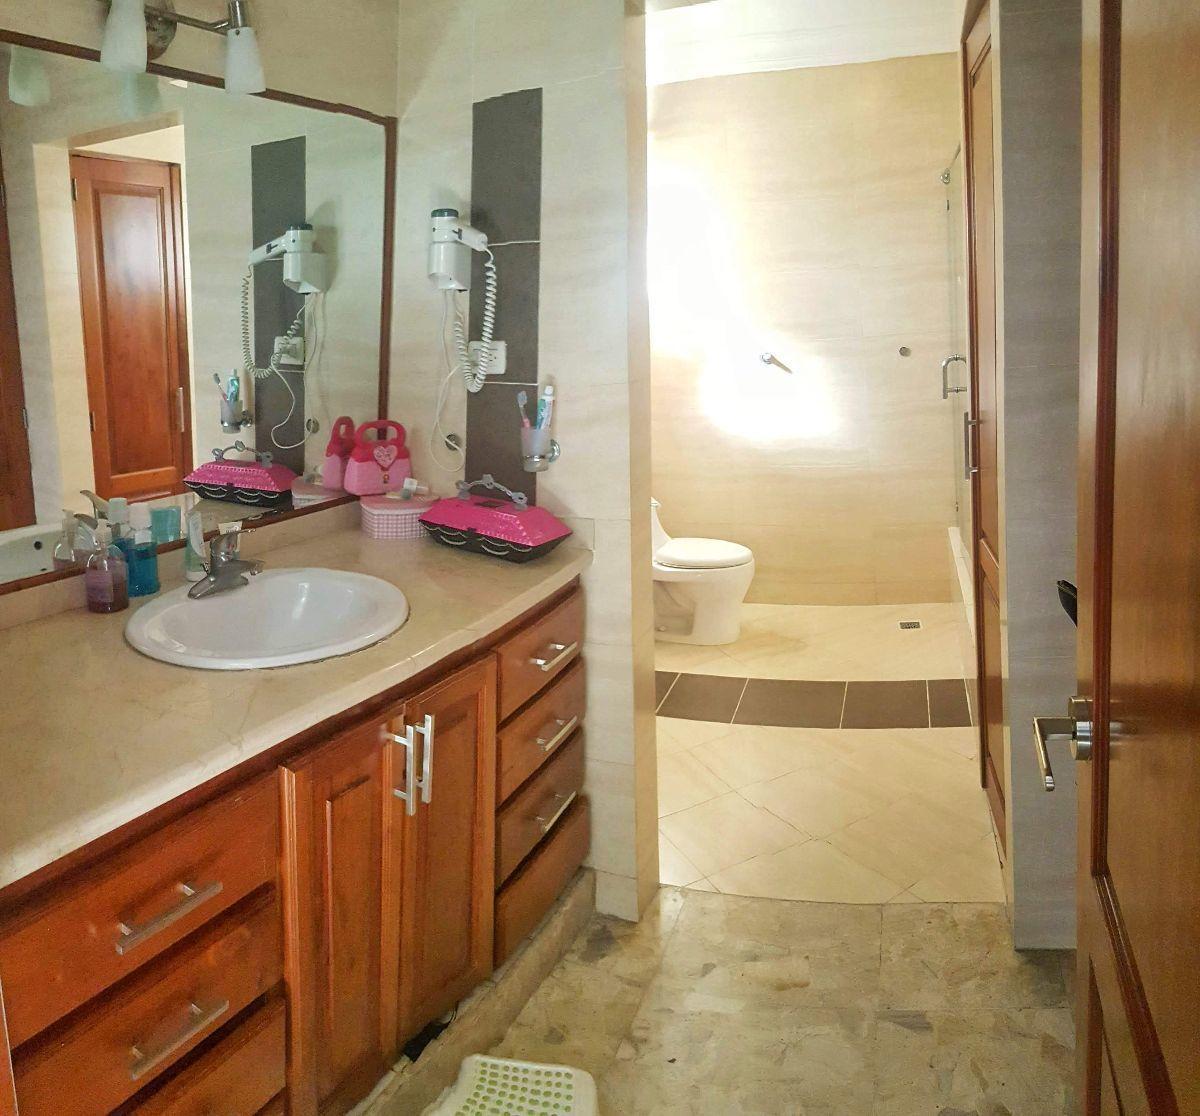 13 de 23: Baño de la habitación 1